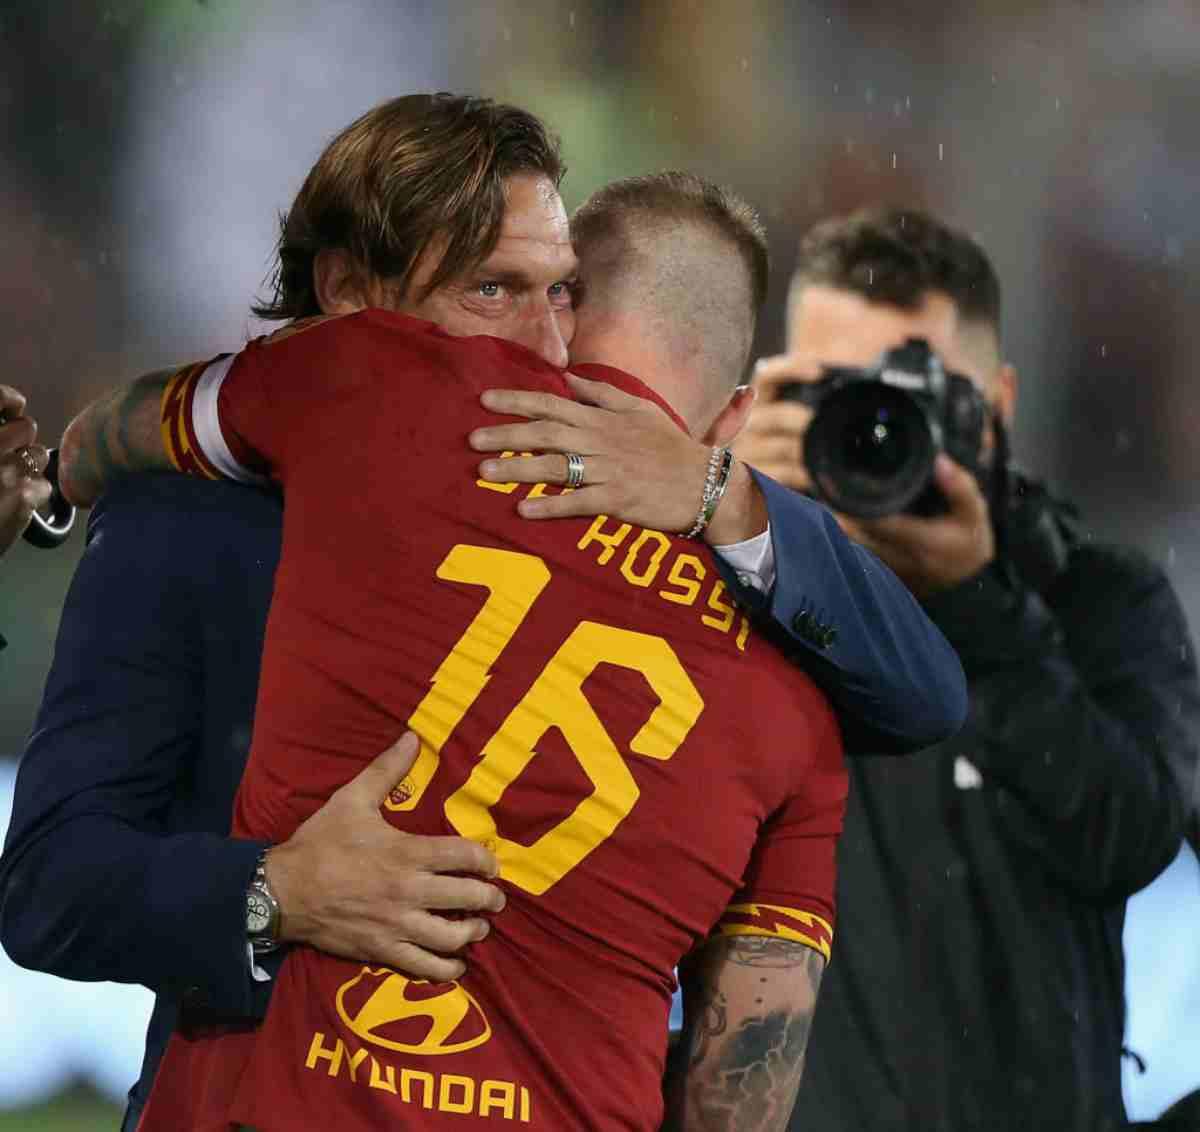 Roma, con Friedkin, Totti e De Rossi in dirigenza: i possibili scenari